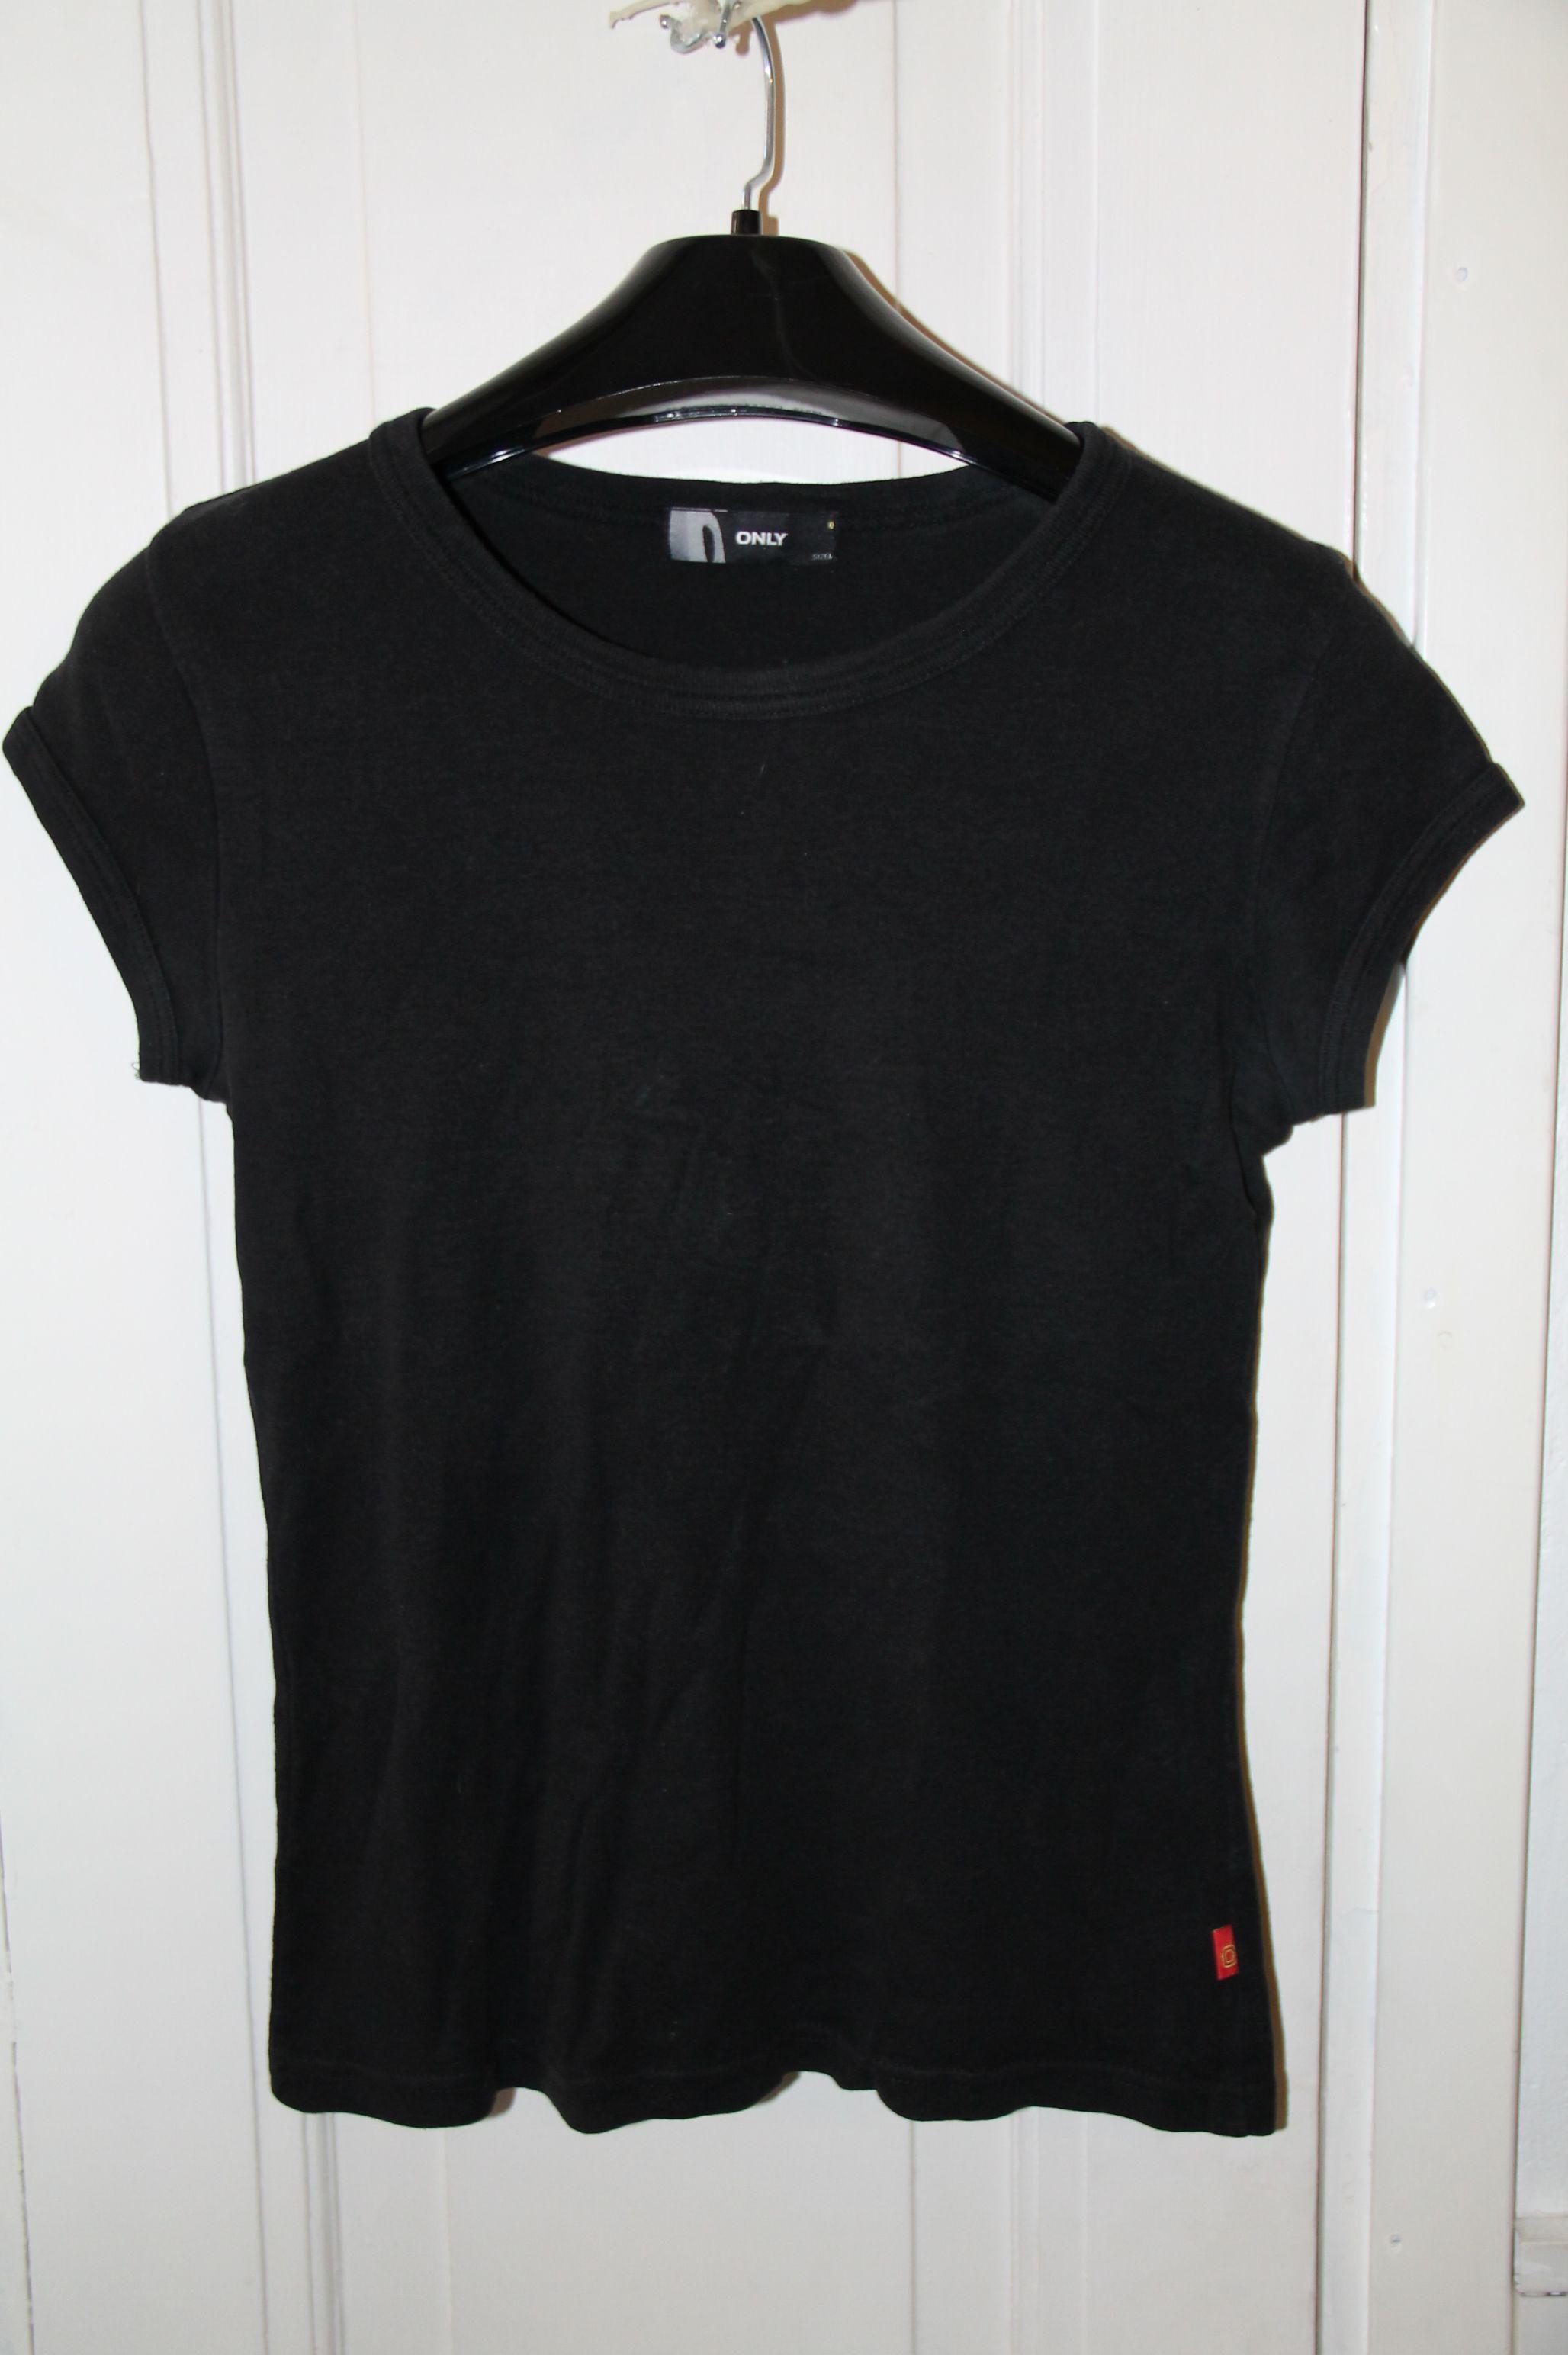 Musta t-paita melko paksua trikoota.